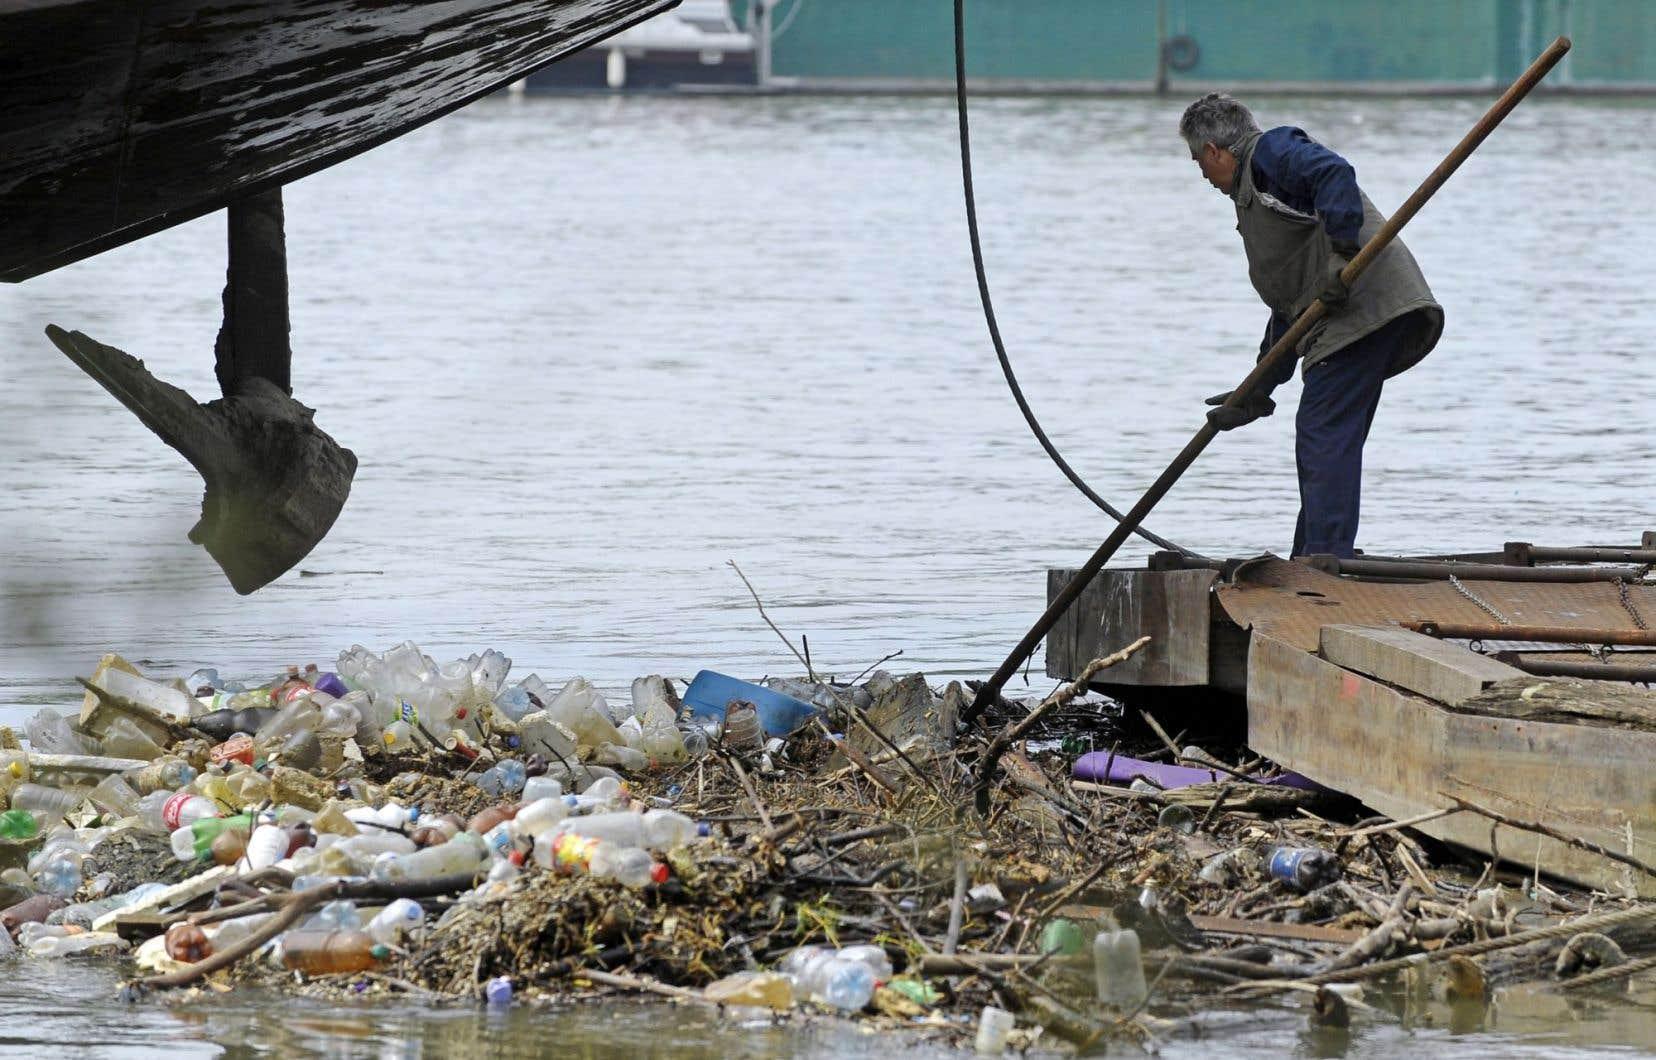 Un homme récupère des bouteilles de plastique au milieu d'autres déchets dans la rivière Sava, à Belgrade.